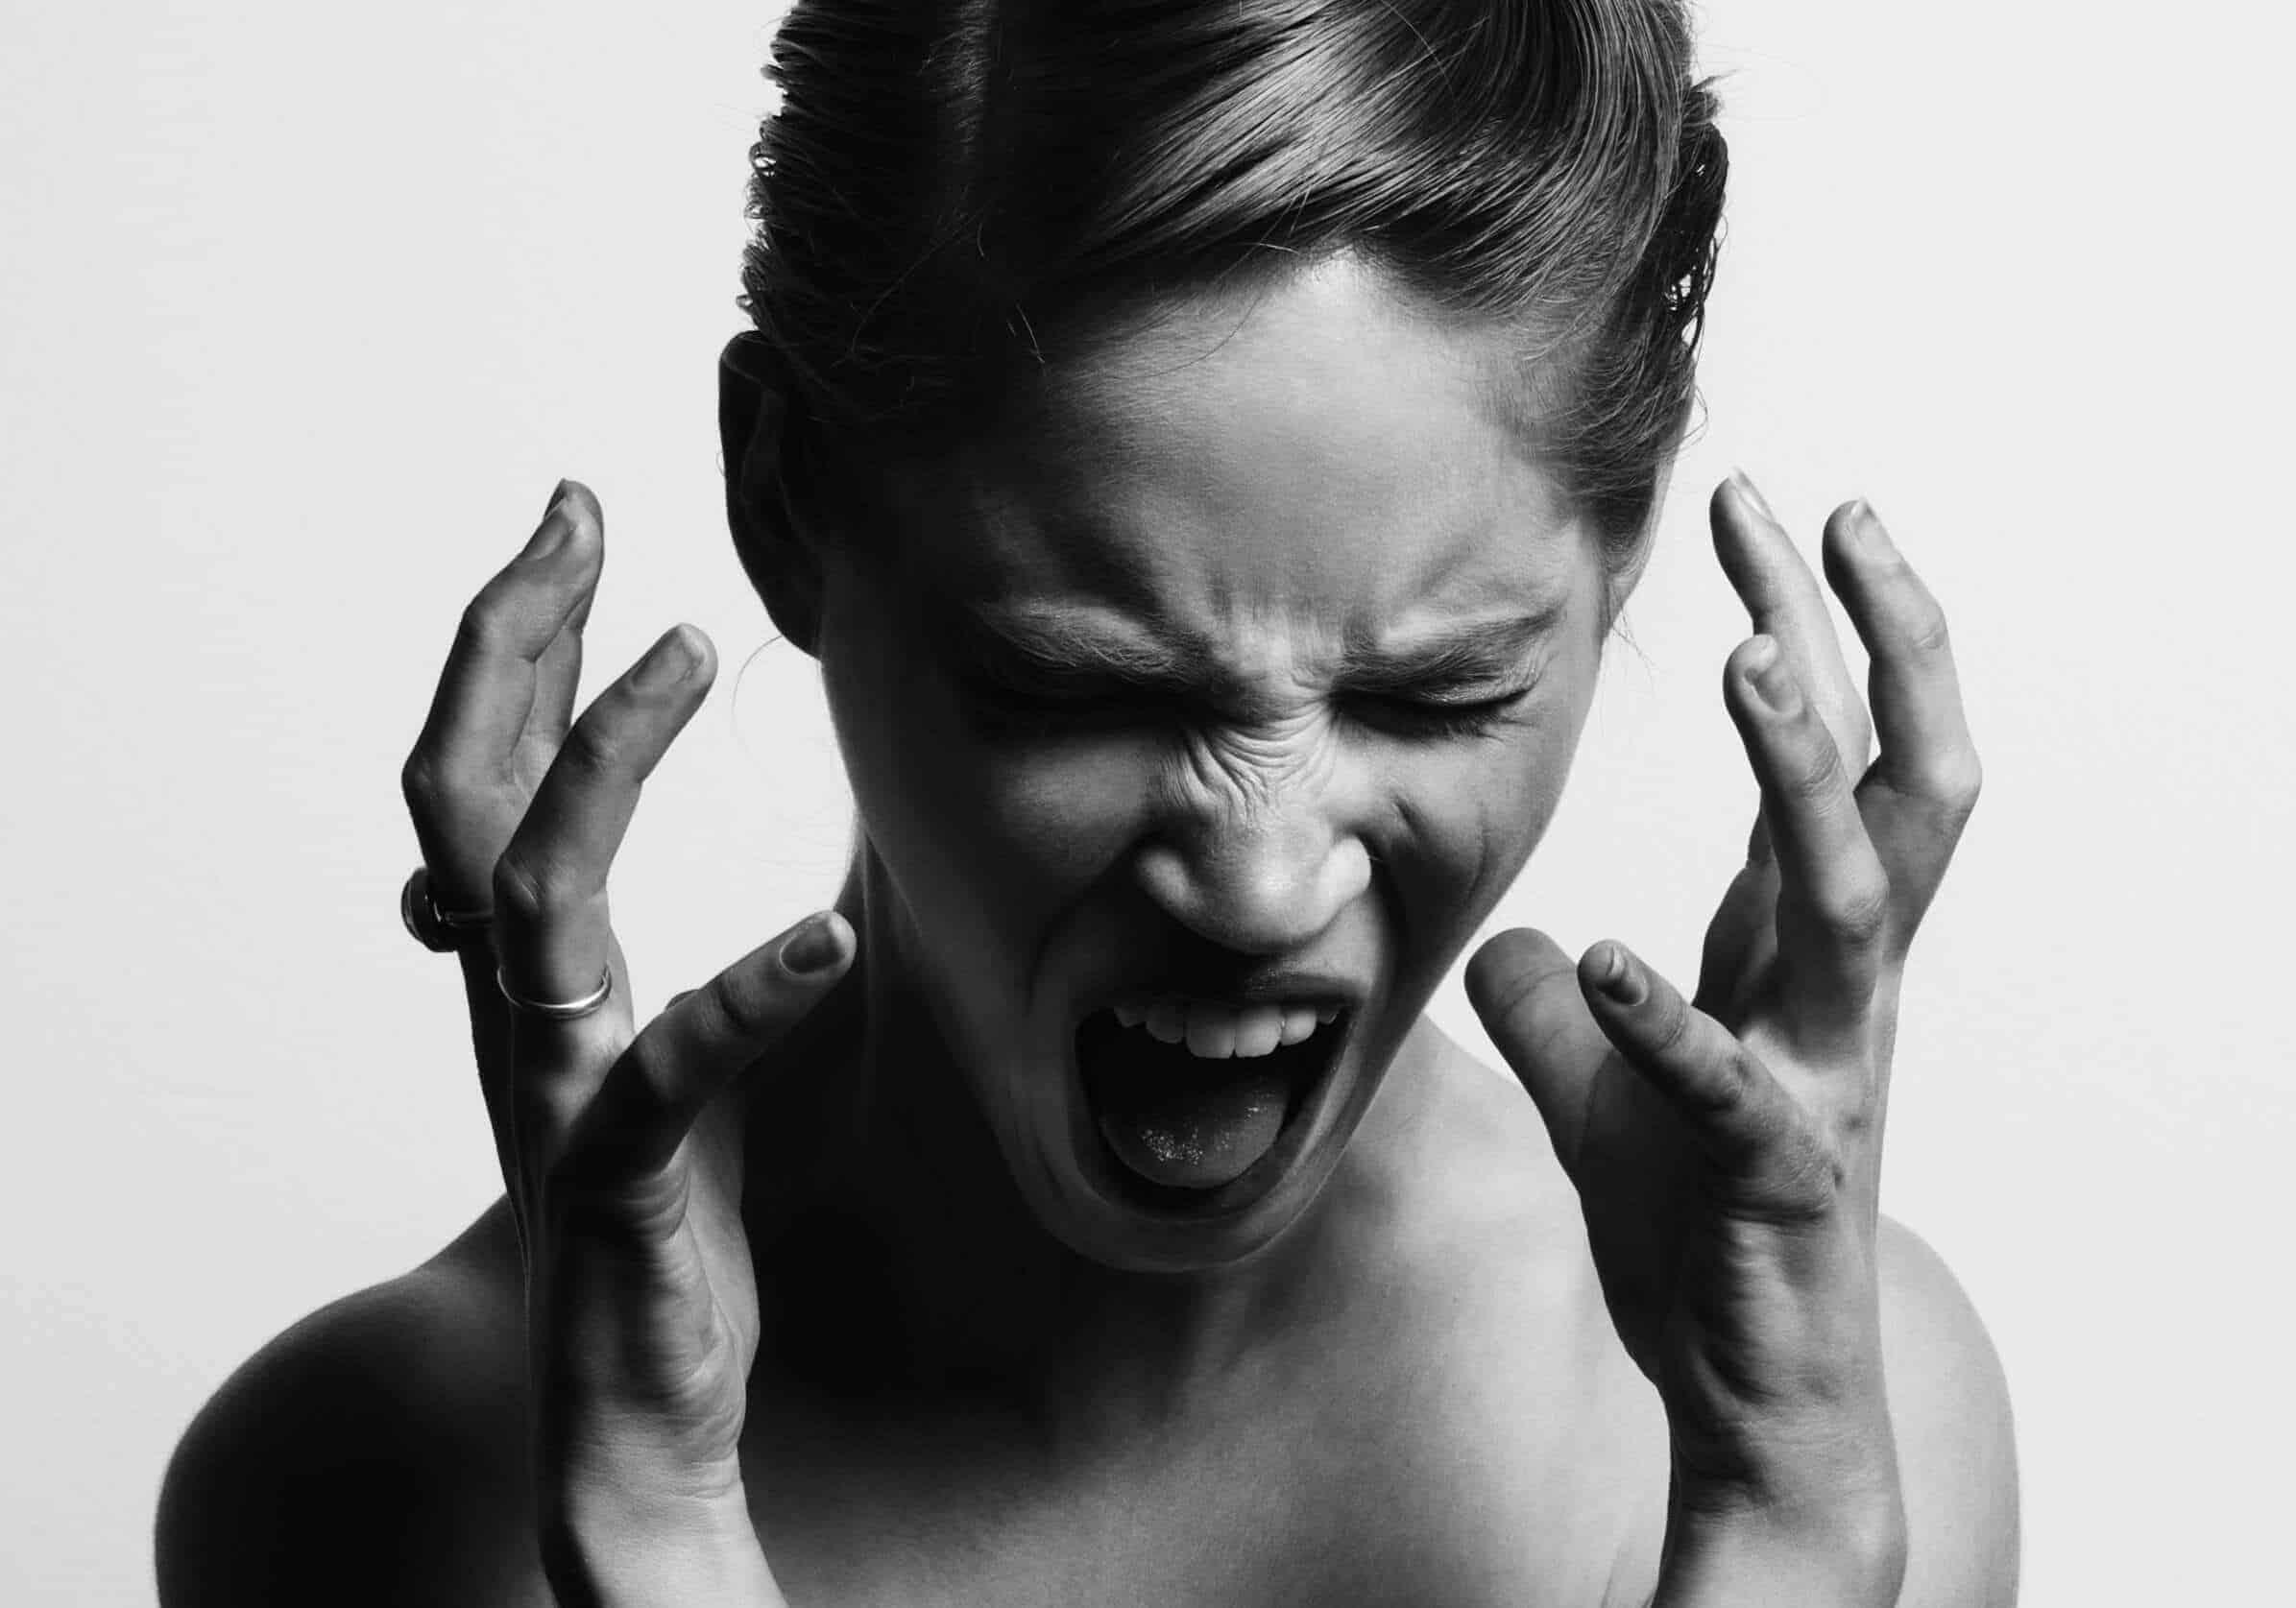 Soltar la rabia y desarrollar inteligencia emocional